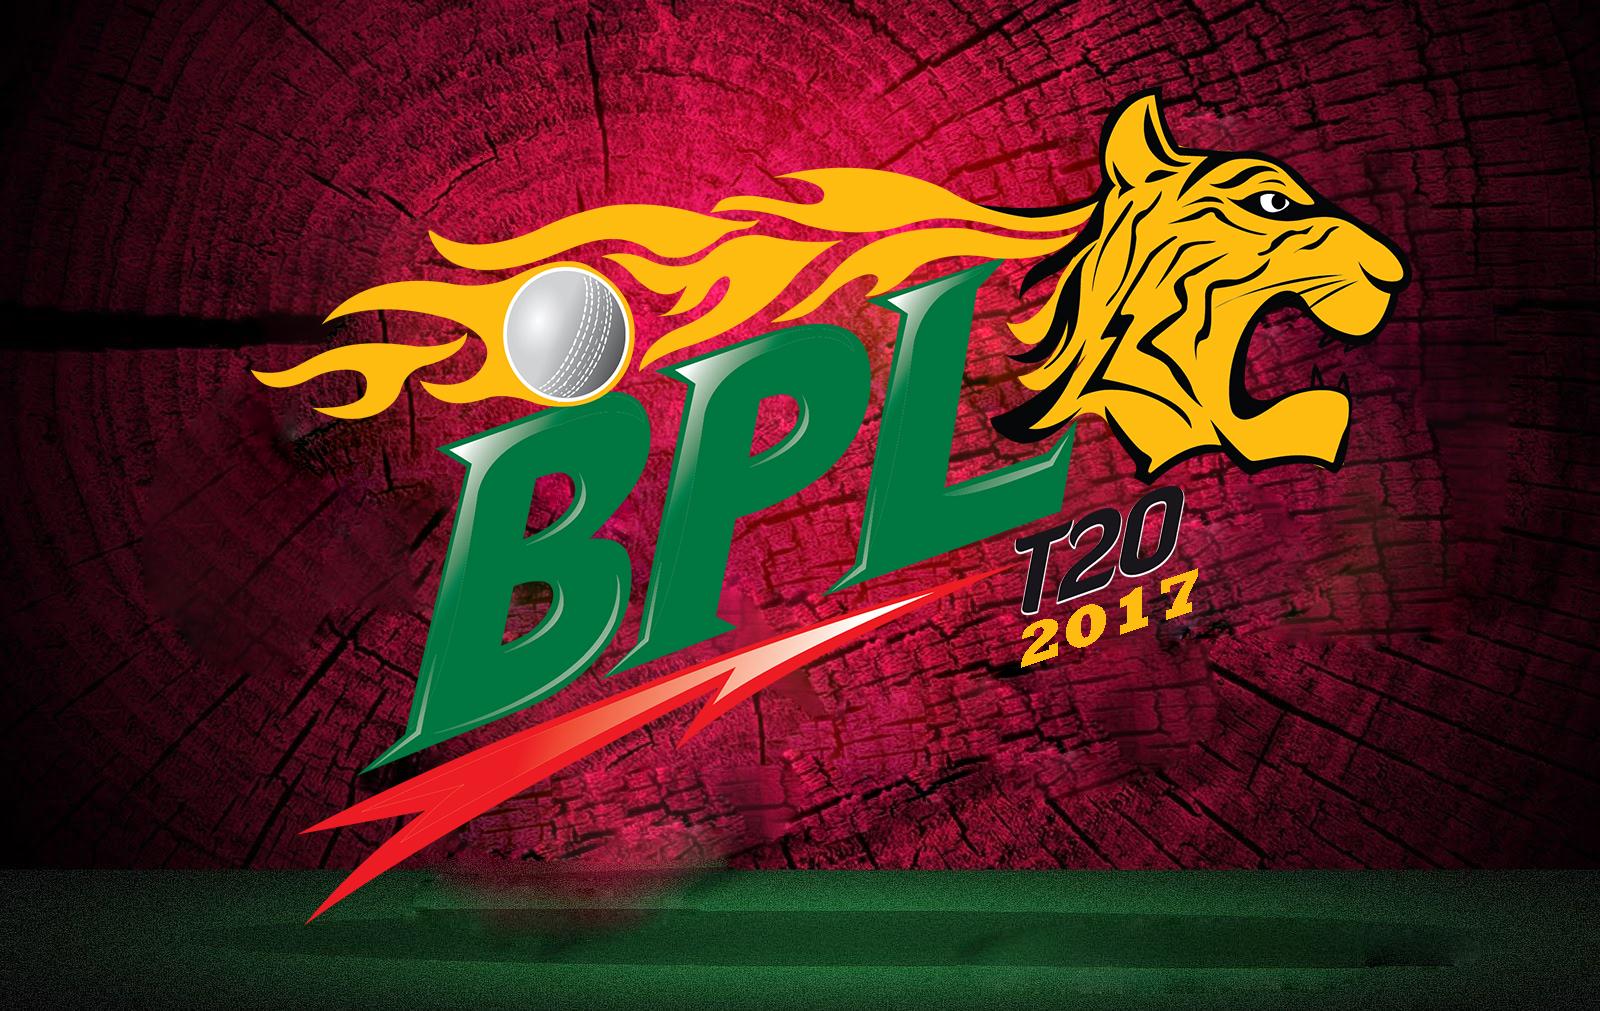 BPL-T20-2017-Teams-Squad